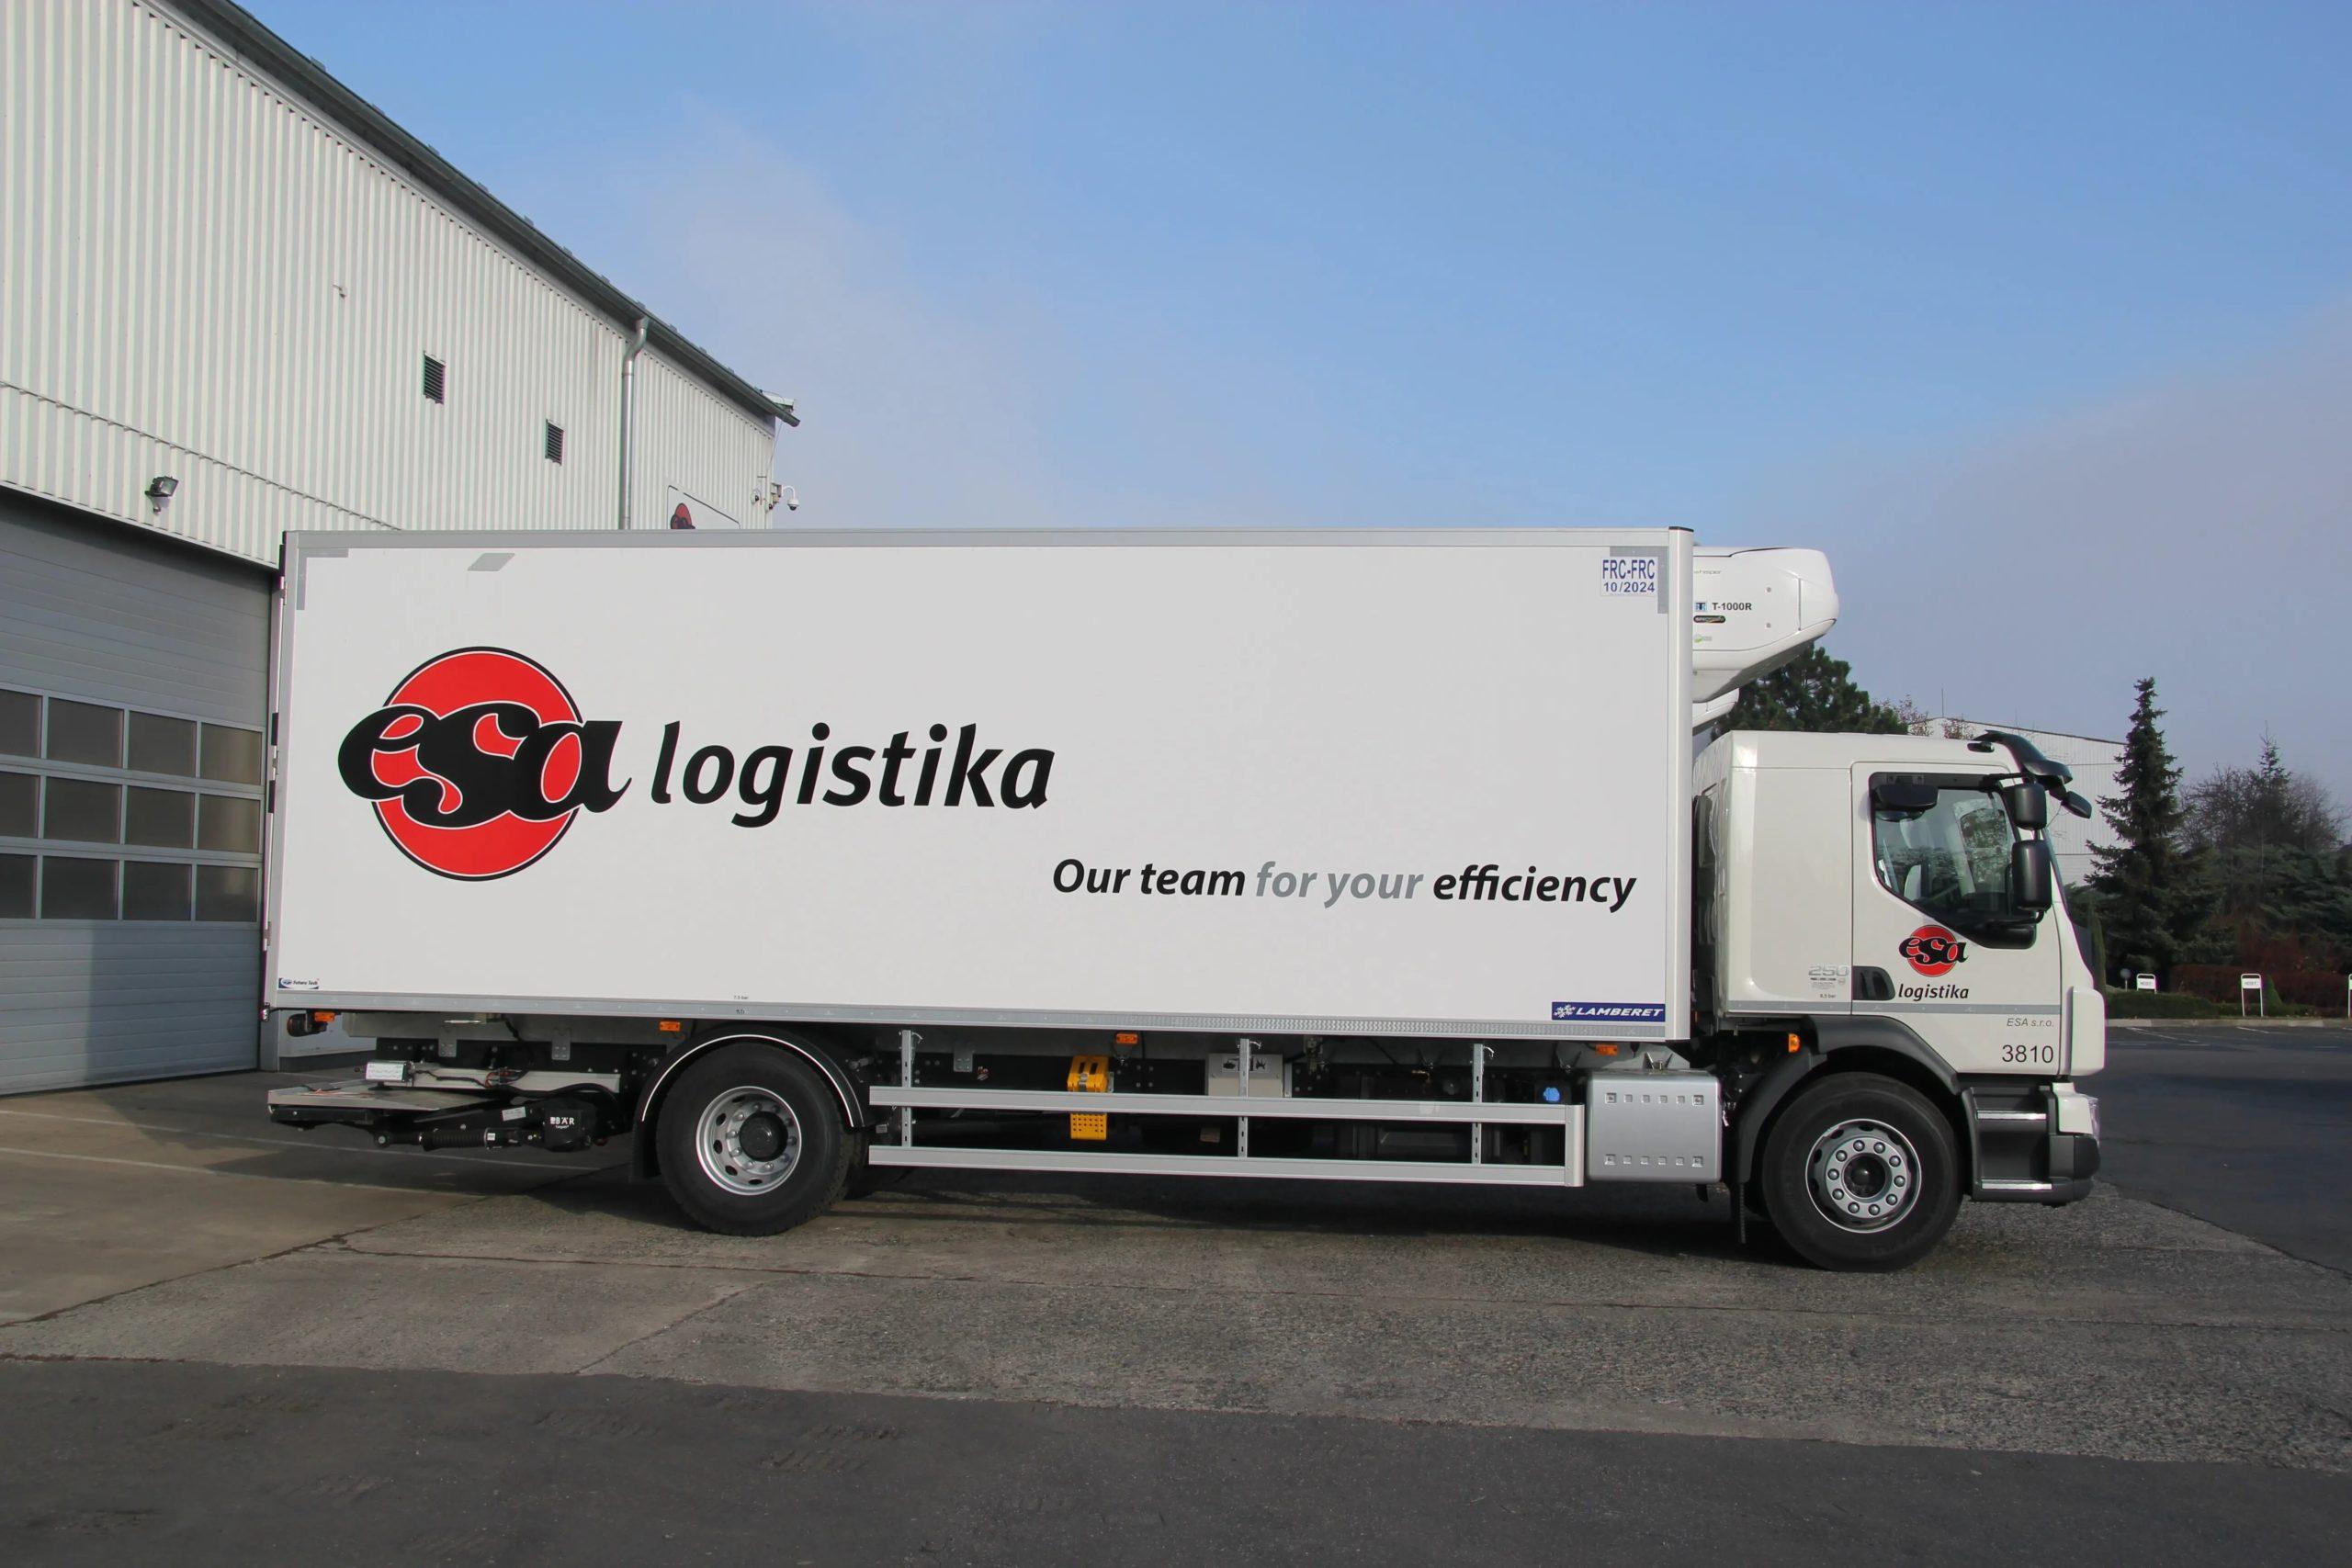 Usługa transportowa FTL Premium, ciężarówka z logo firmy ESA